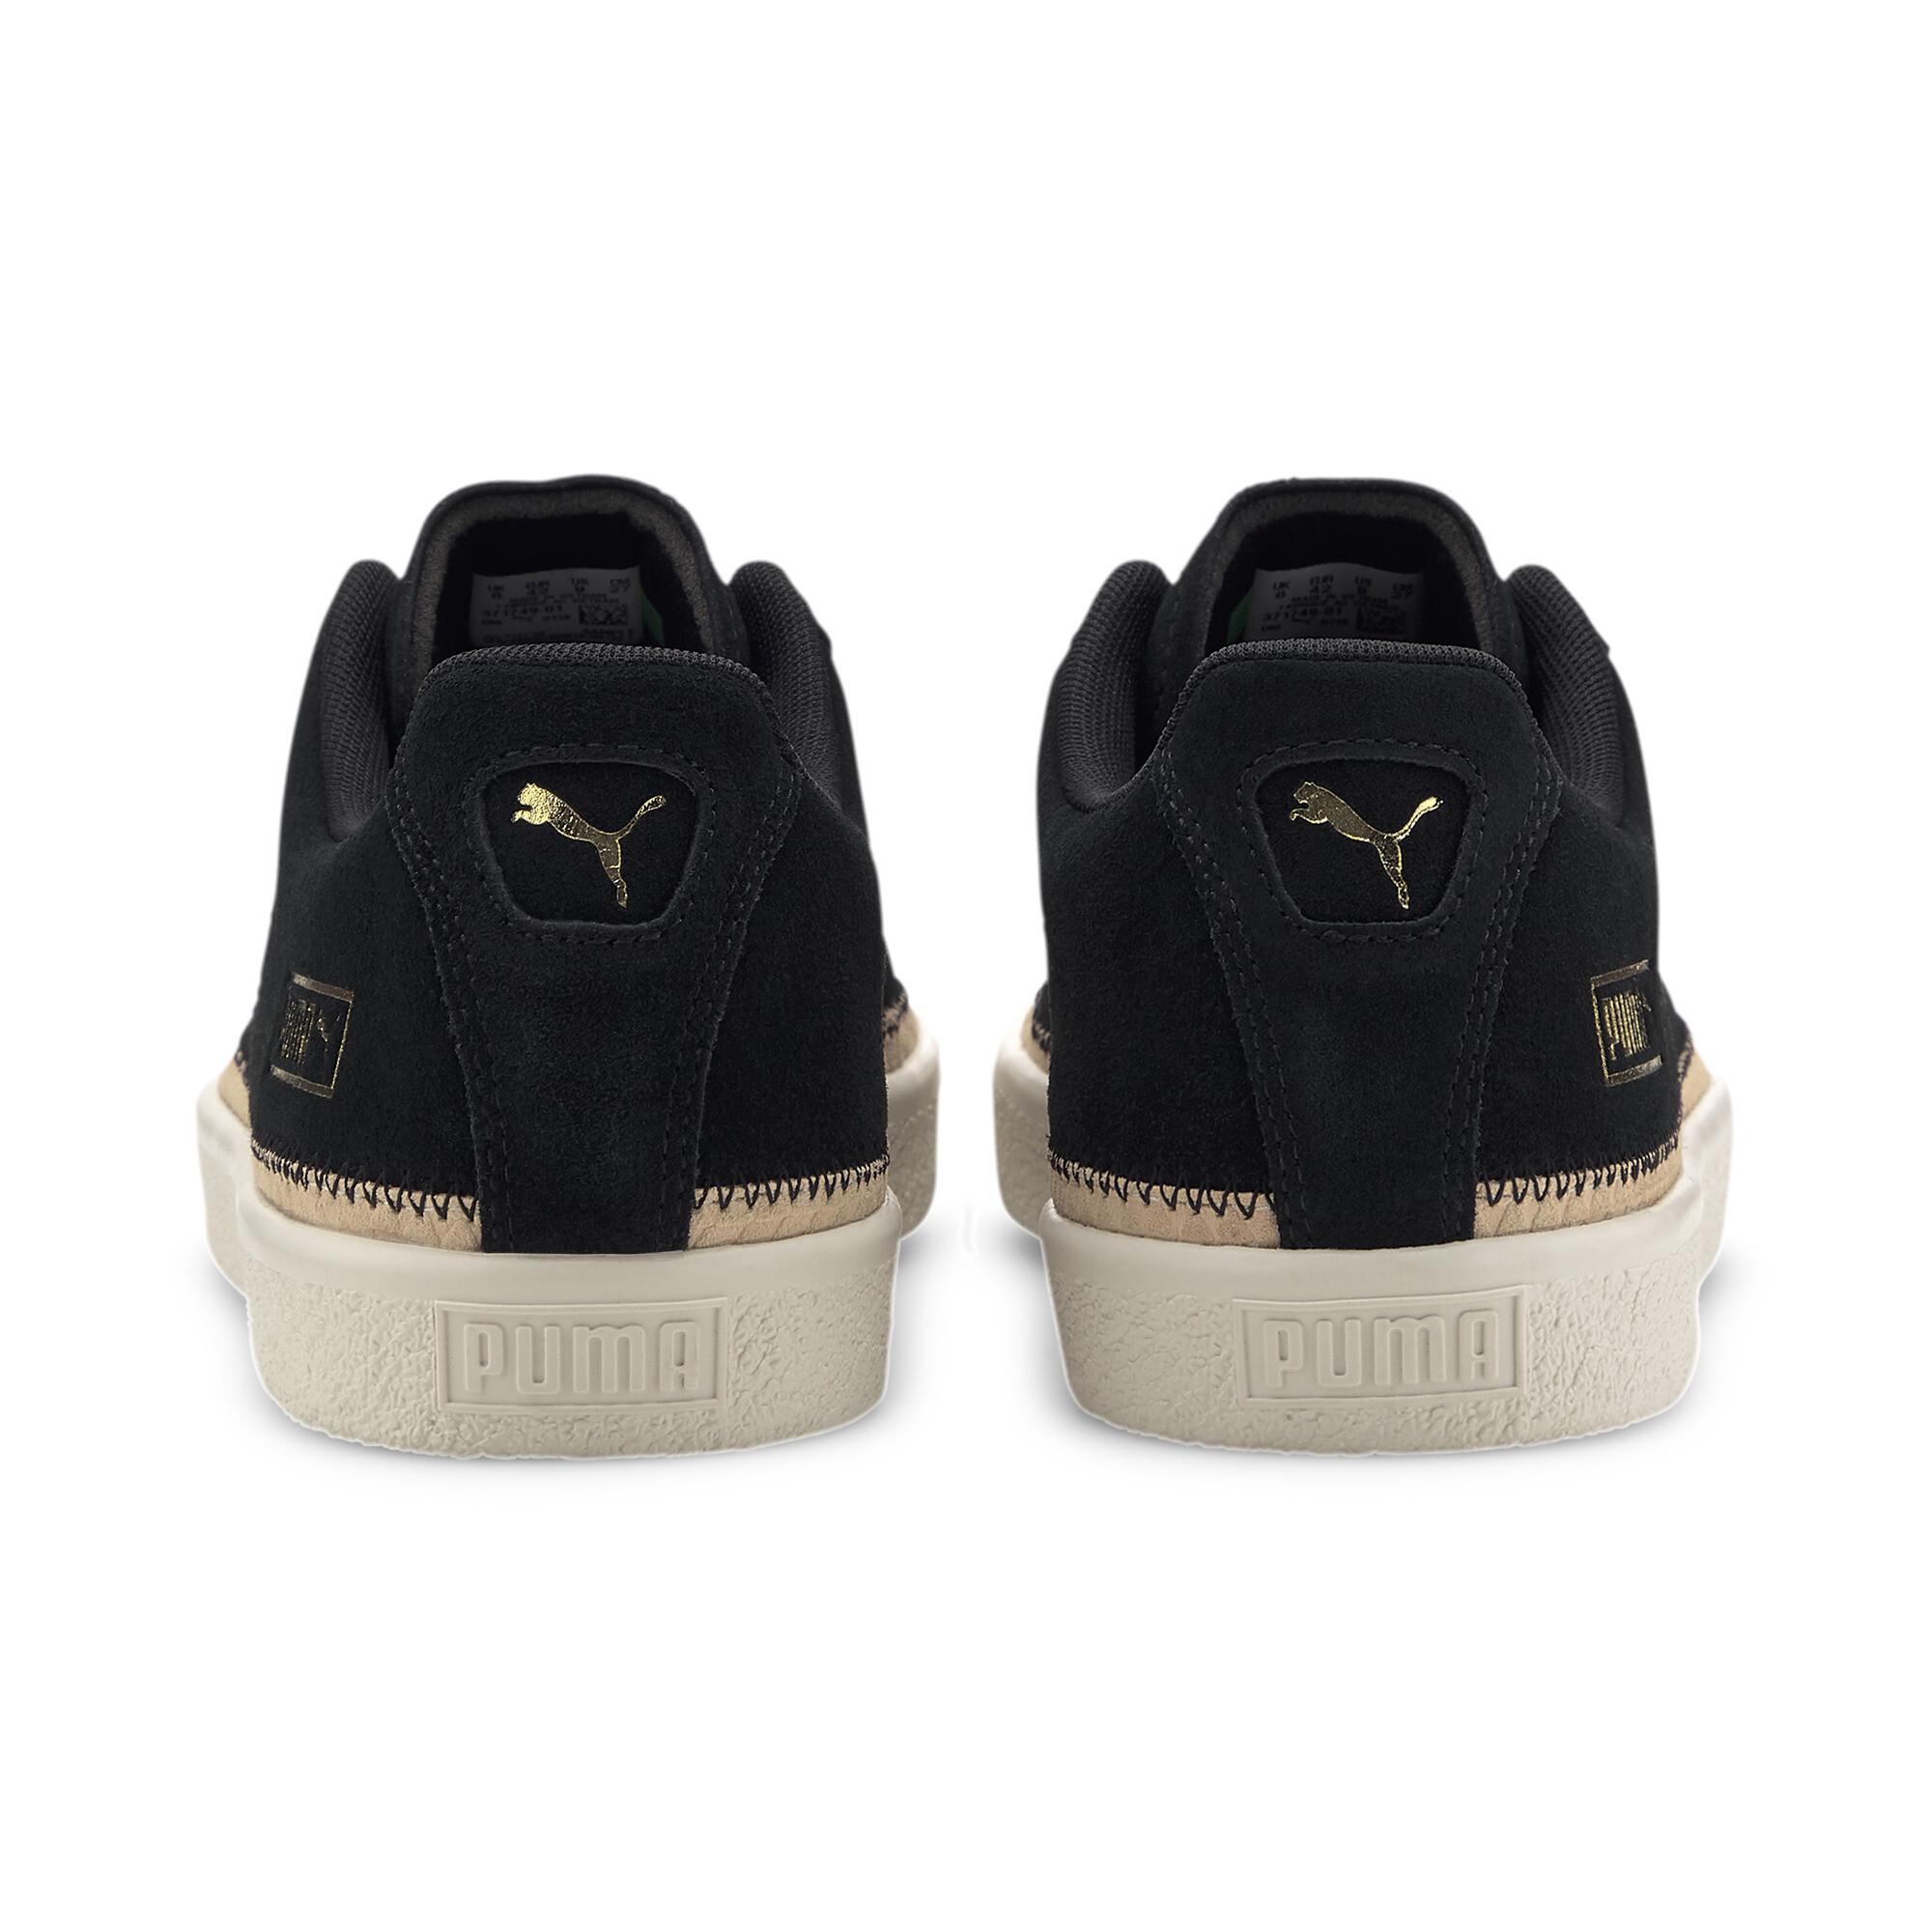 PUMA-Men-039-s-Suede-Trim-DLX-Sneakers thumbnail 17